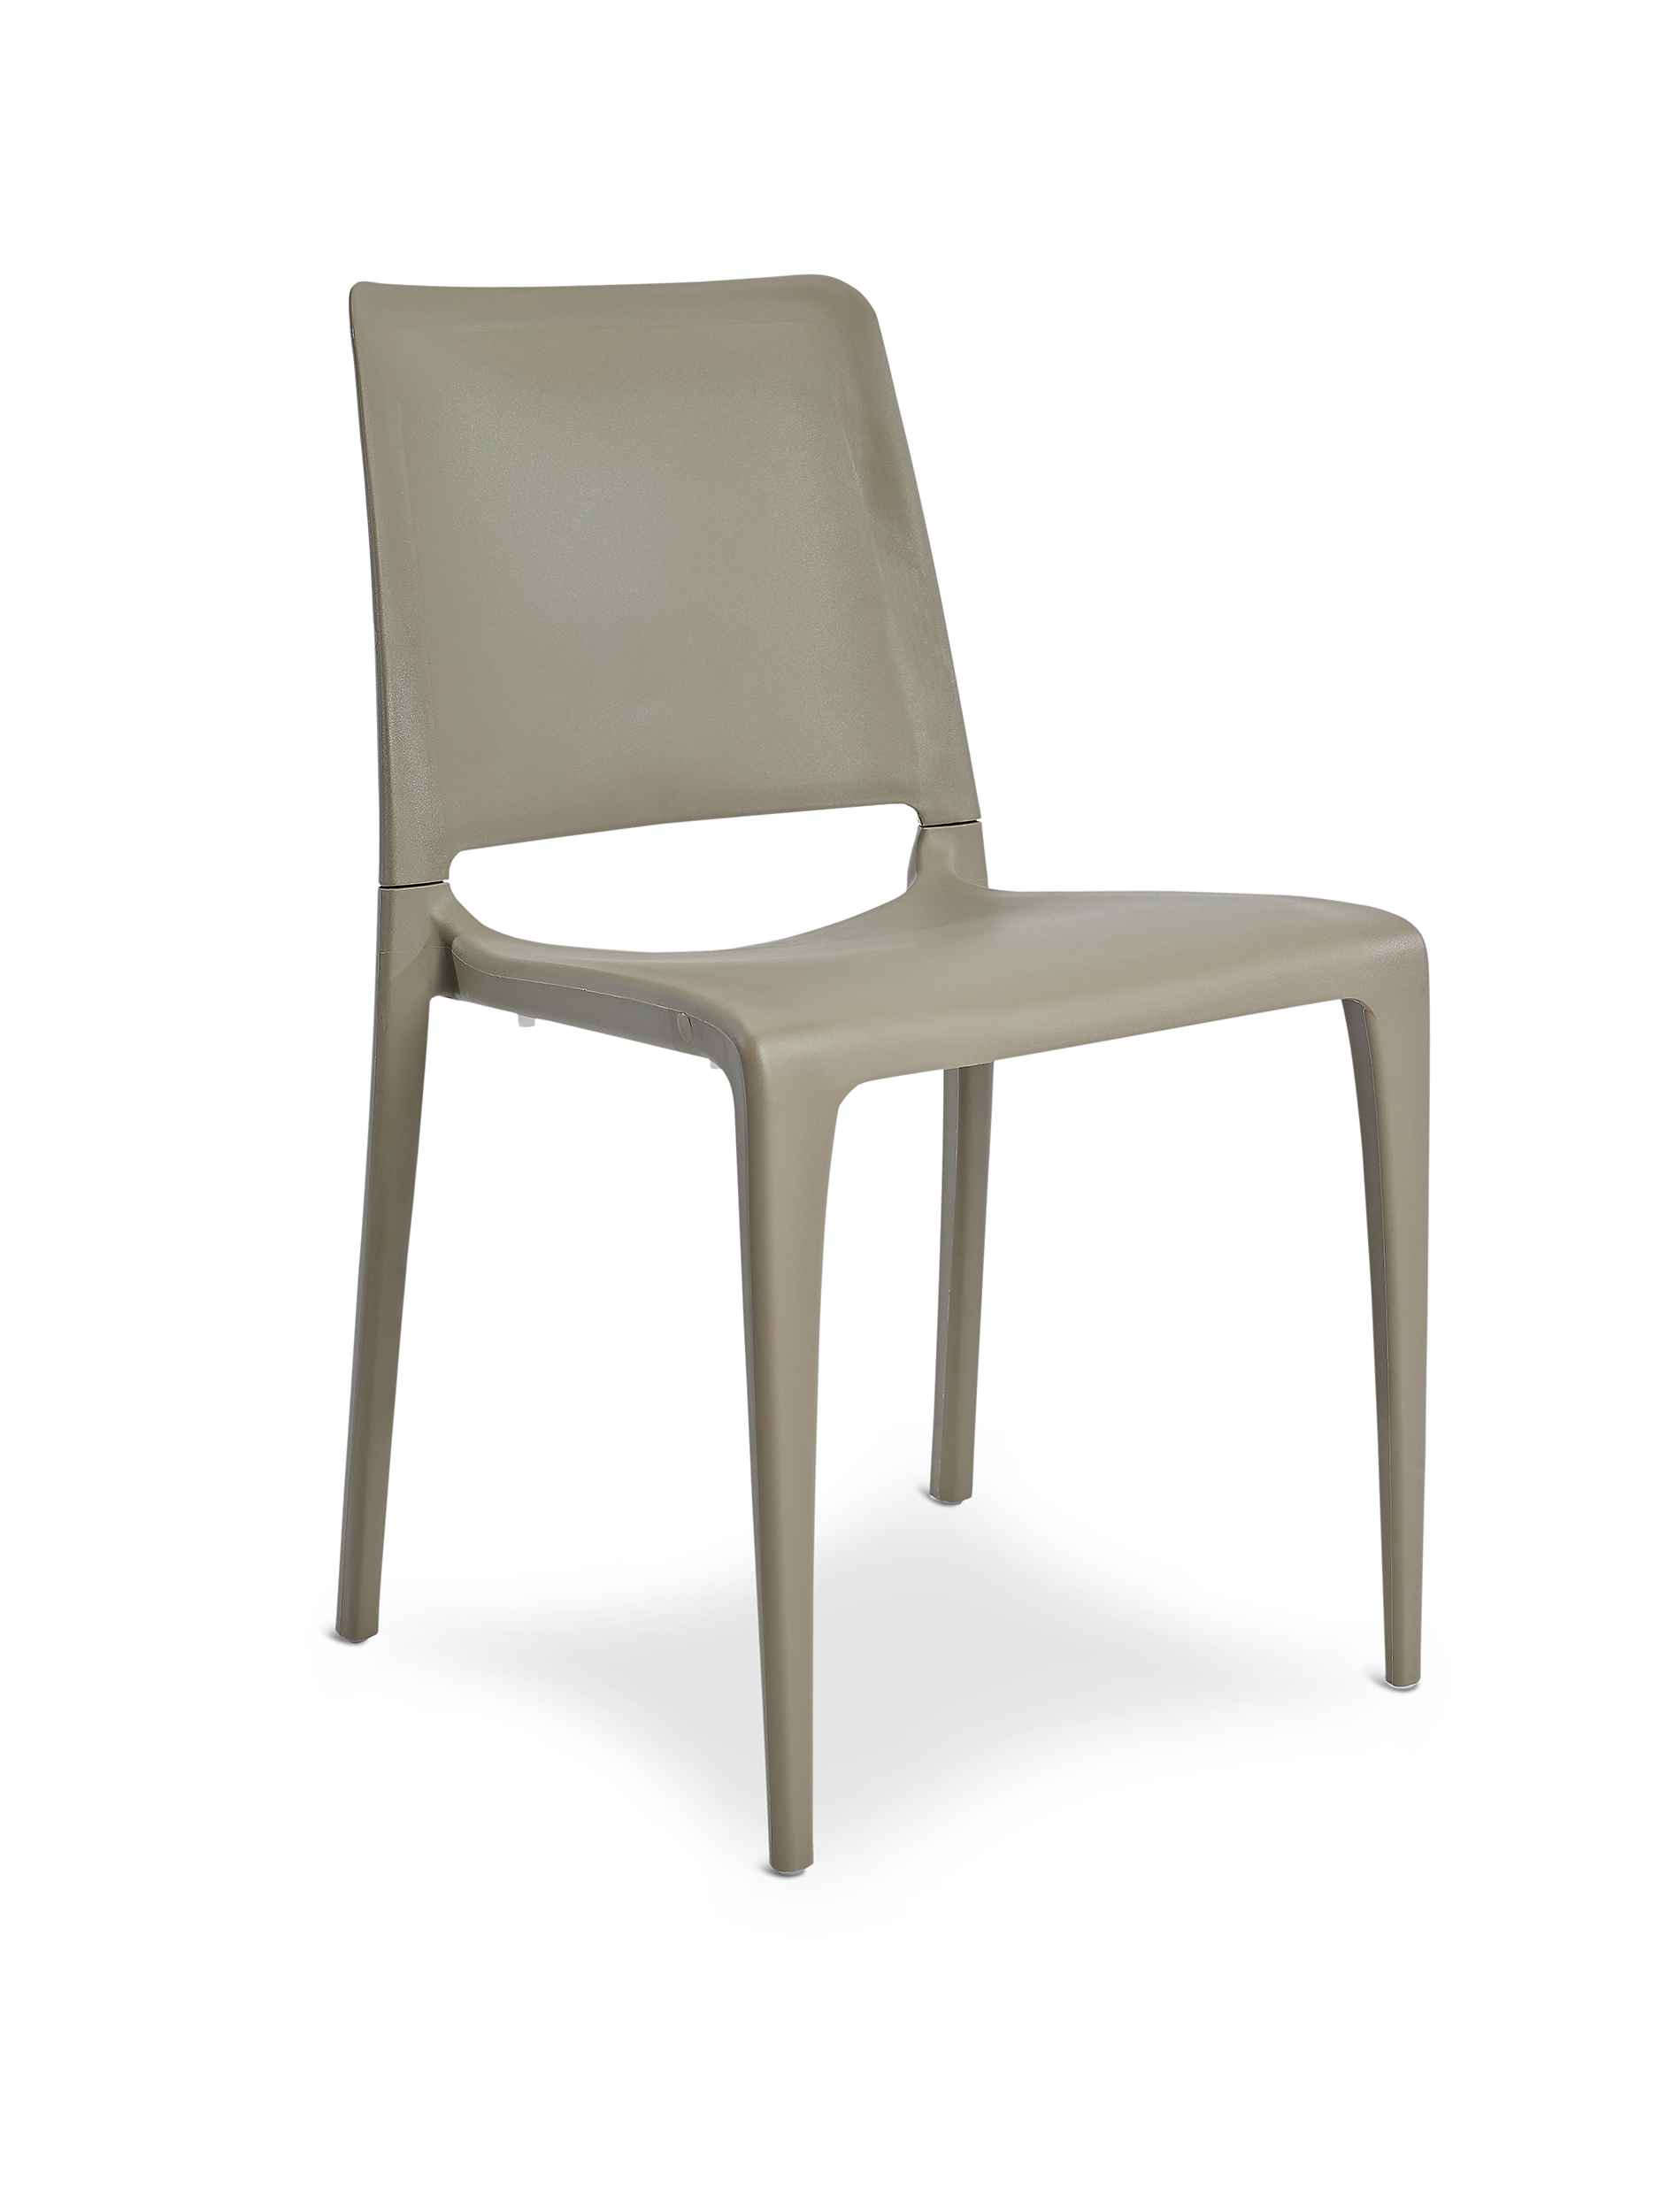 Chaise de jardin empilable en polypropylène renforcé taupe